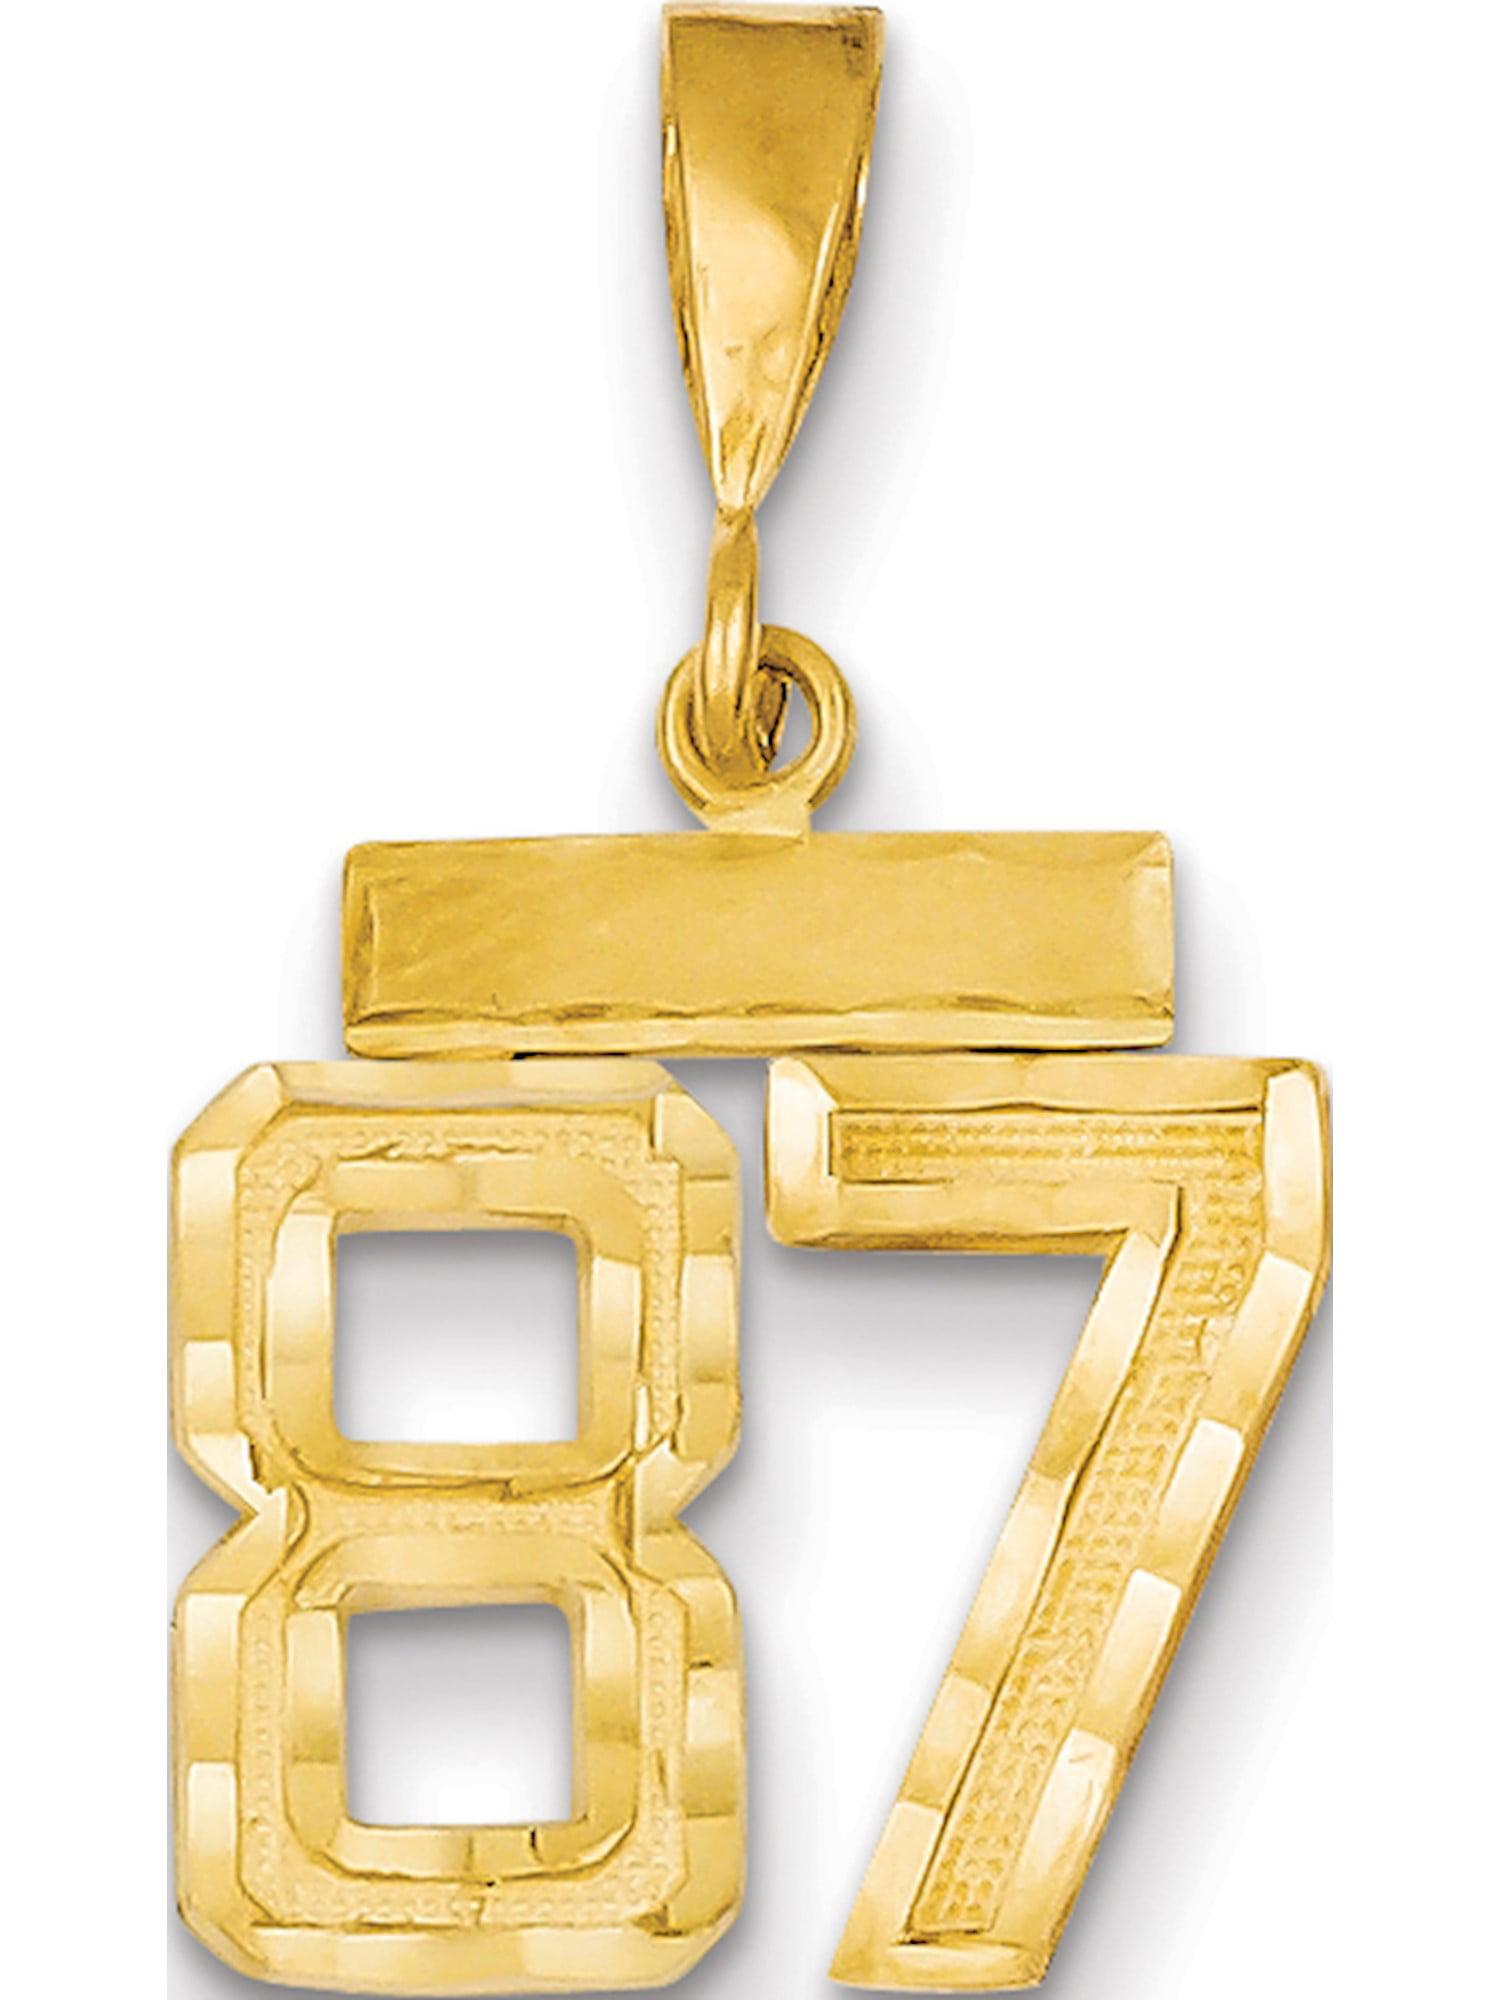 14K White Gold Guitar Charm Pendant MSRP $173